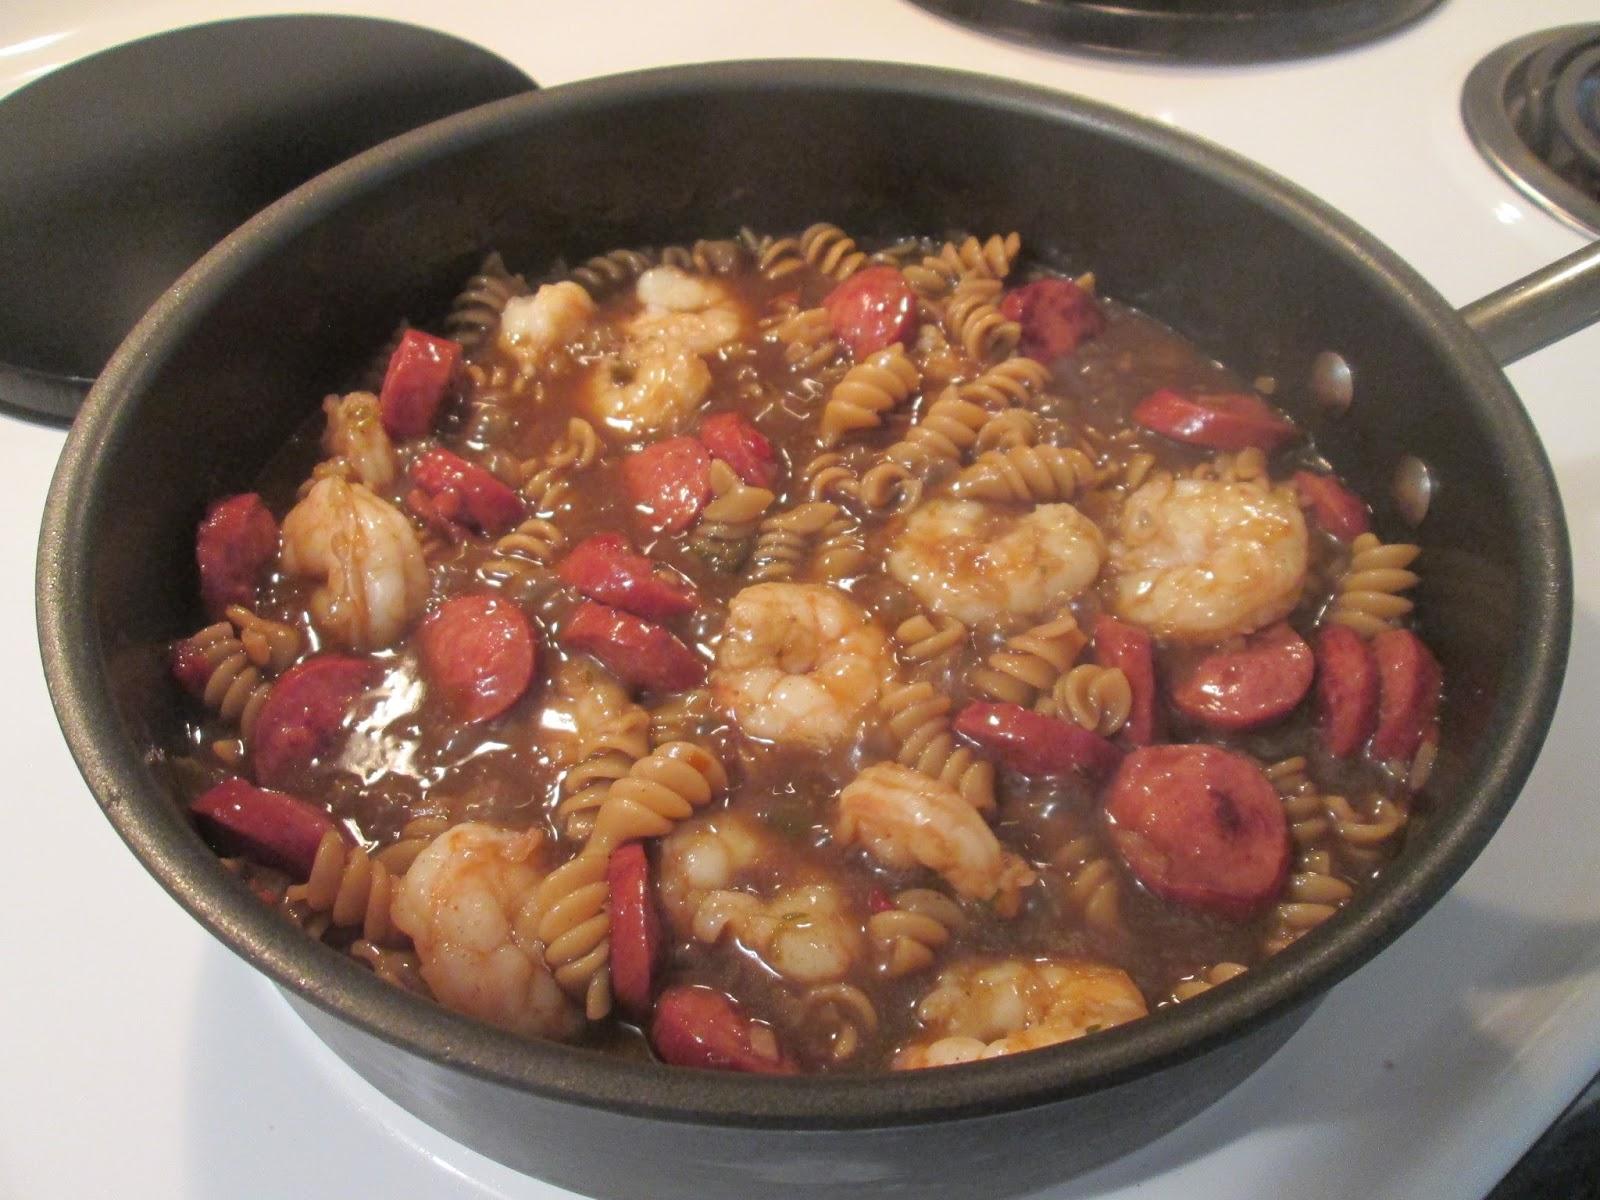 Zatarain S Crab Cake Mix Recipe